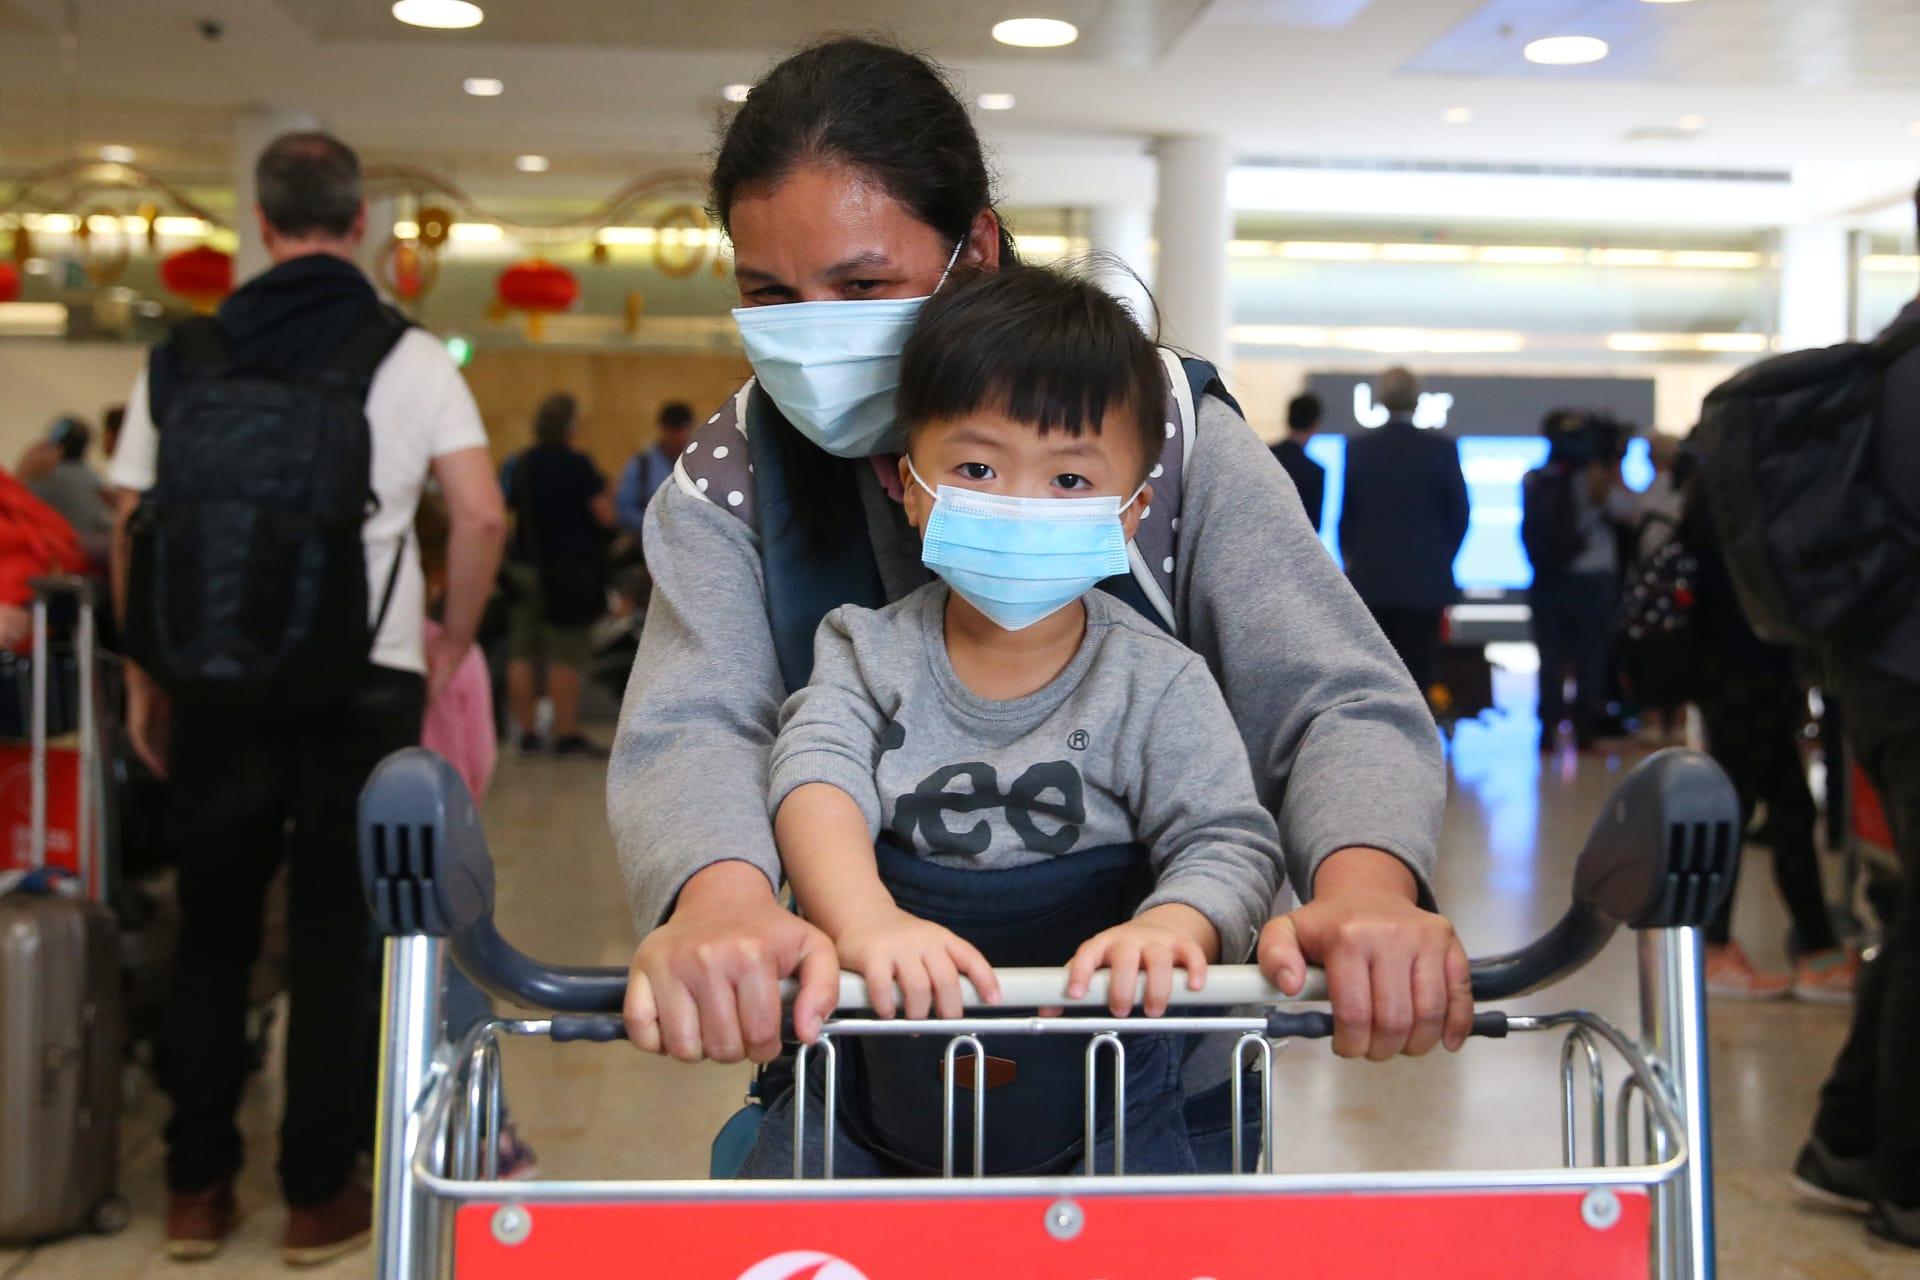 ارتفاع حصيلة وفيات فيروس كورونا بالصين إلى 25 شخصًا.. وبكين ترصد 144 مليون دولار لمكافحته